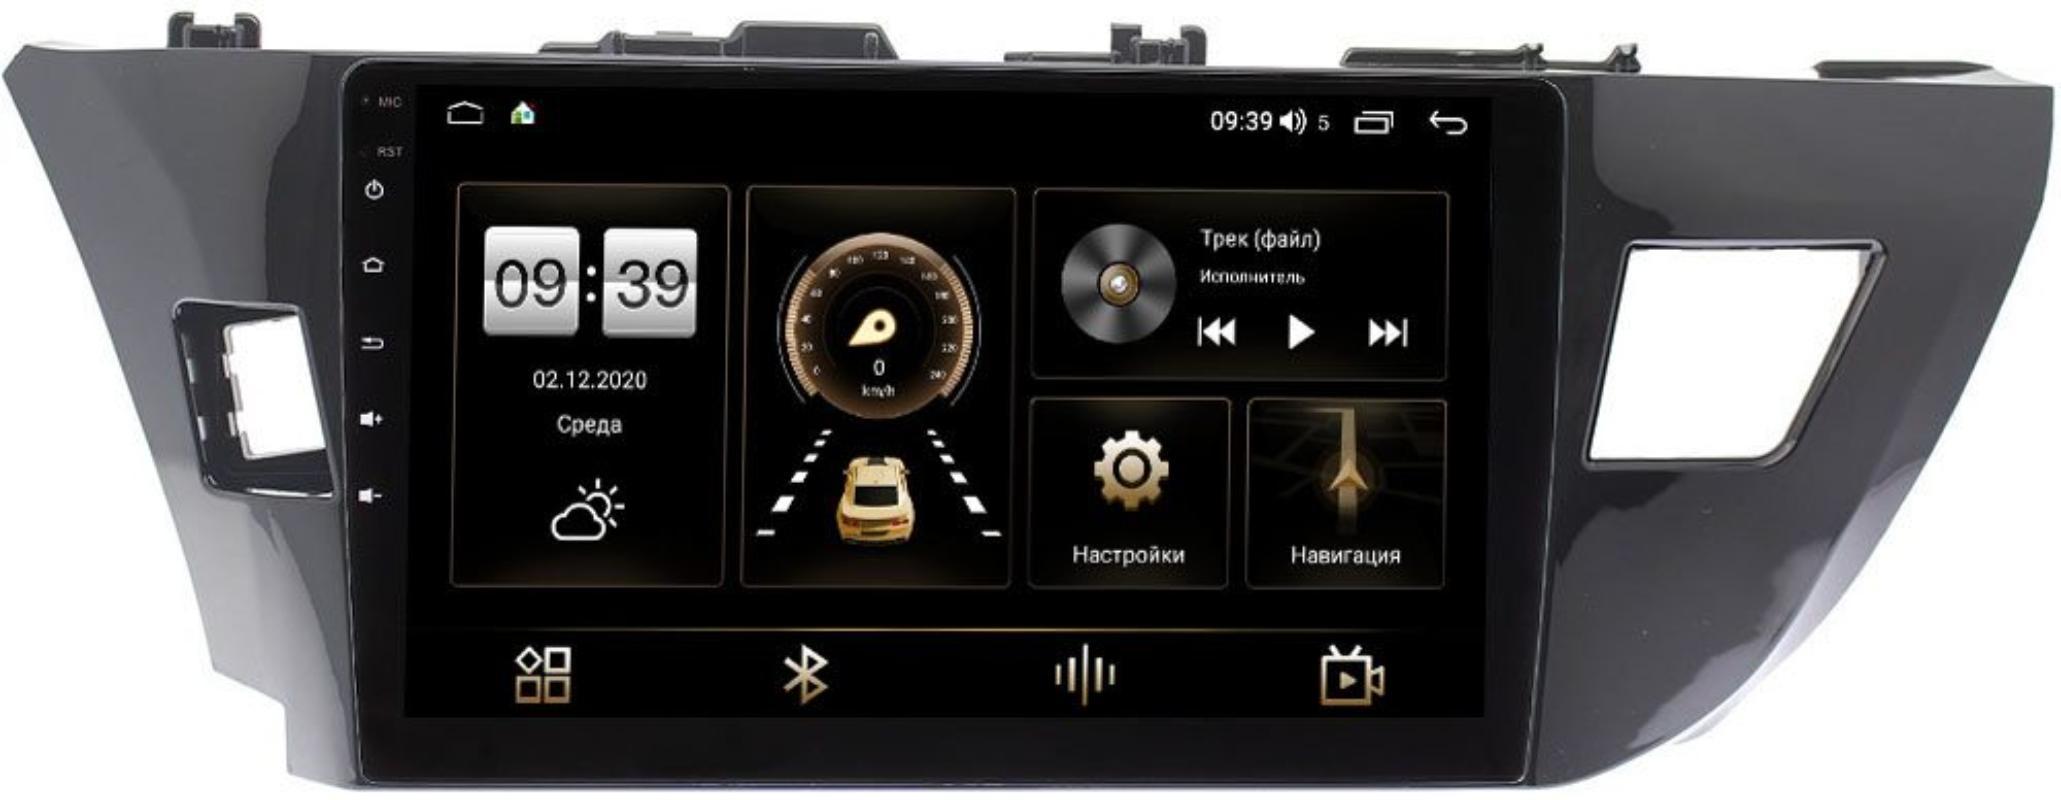 Штатная магнитола Toyota Corolla XI 2013-2015 LeTrun 3799-1026 на Android 10 (4/64, DSP, QLed) С оптическим выходом (для авто с камерой) (+ Камера заднего вида в подарок!)